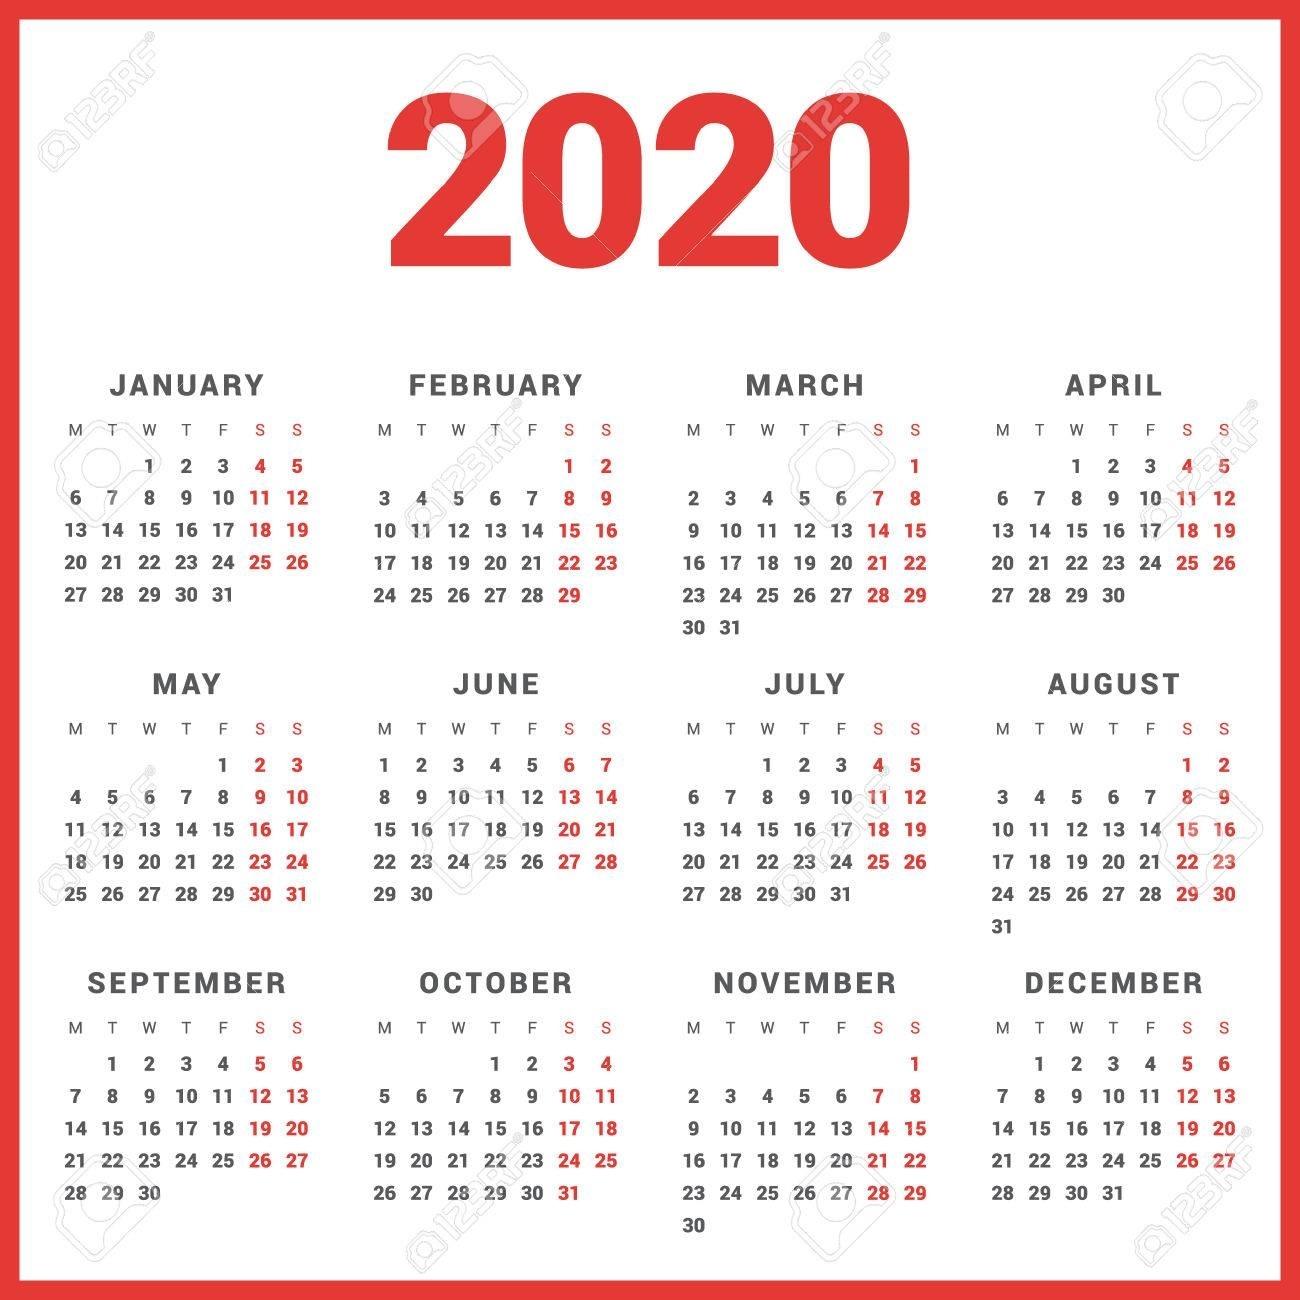 Monday Start Calendar 2020 - Colona.rsd7 intended for Monday Start Printable Calendar 2020